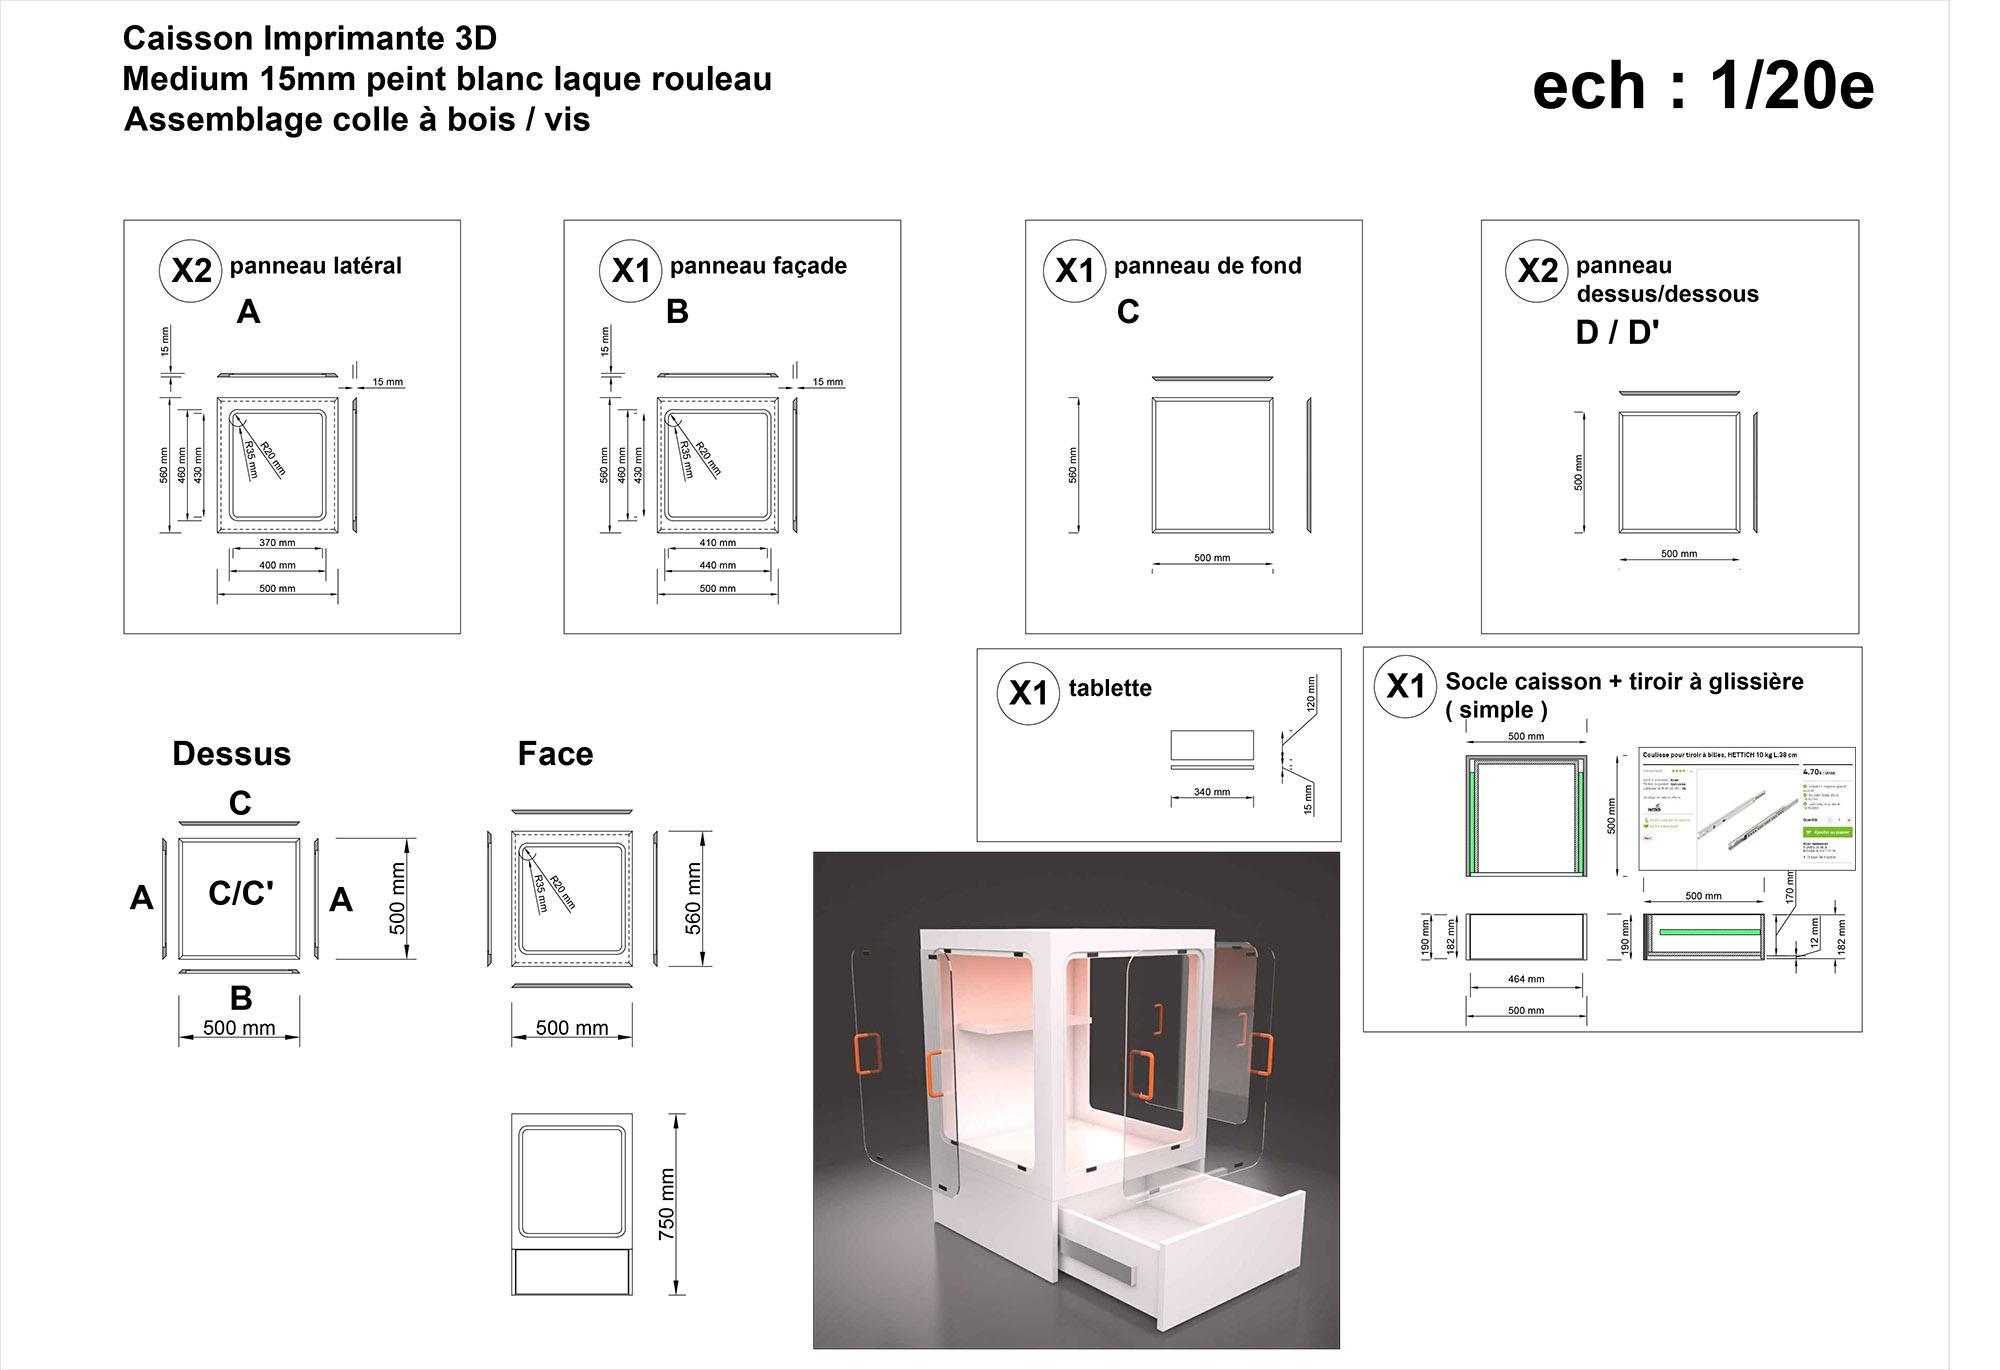 caisson en plexi discovery 200 dagoma forum pour les imprimantes 3d et l 39 impression 3d. Black Bedroom Furniture Sets. Home Design Ideas